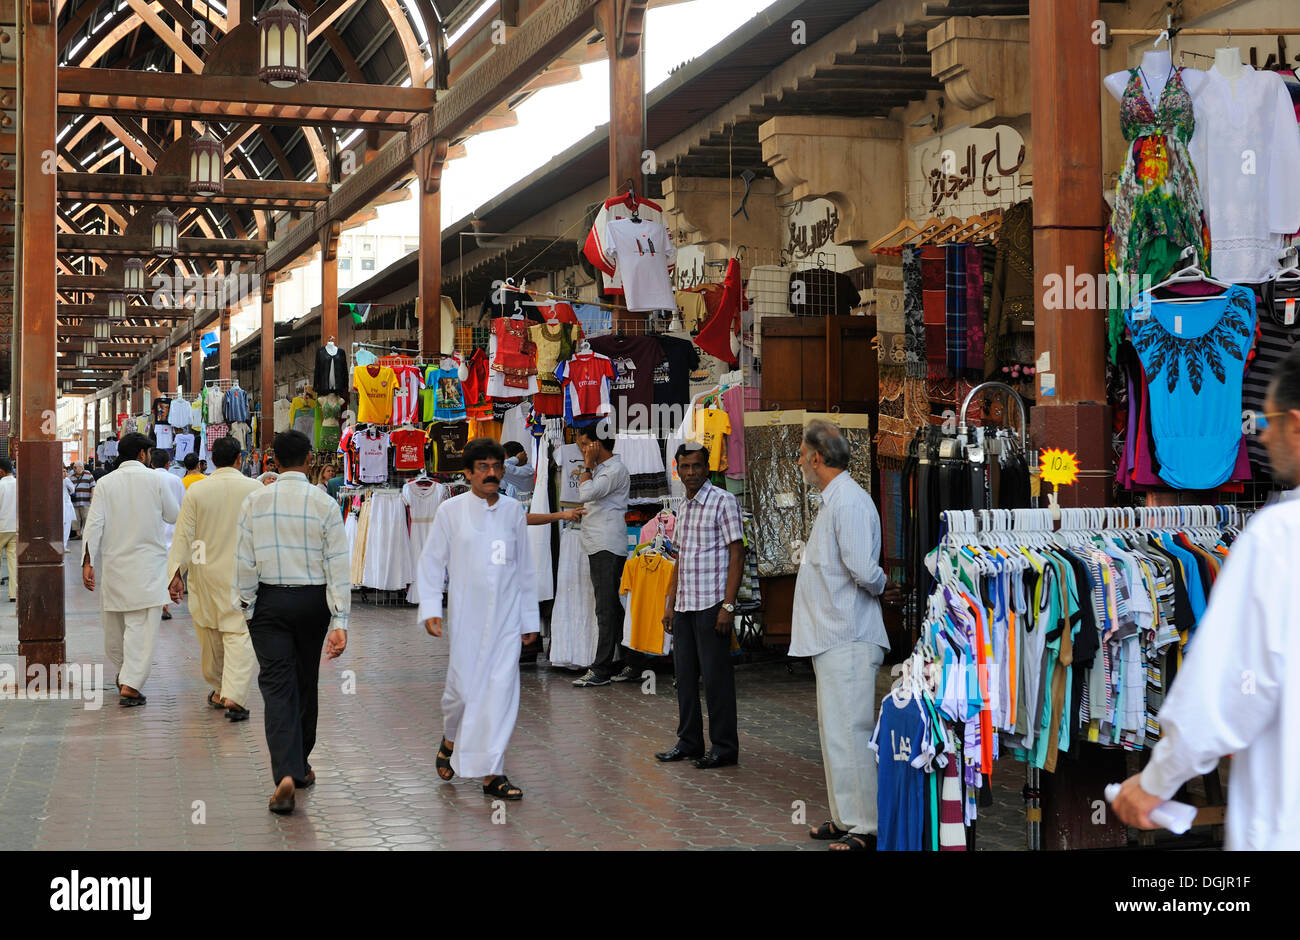 Bur Dubai Souk Bur Dubai Stock Photos & Bur Dubai Souk Bur Dubai